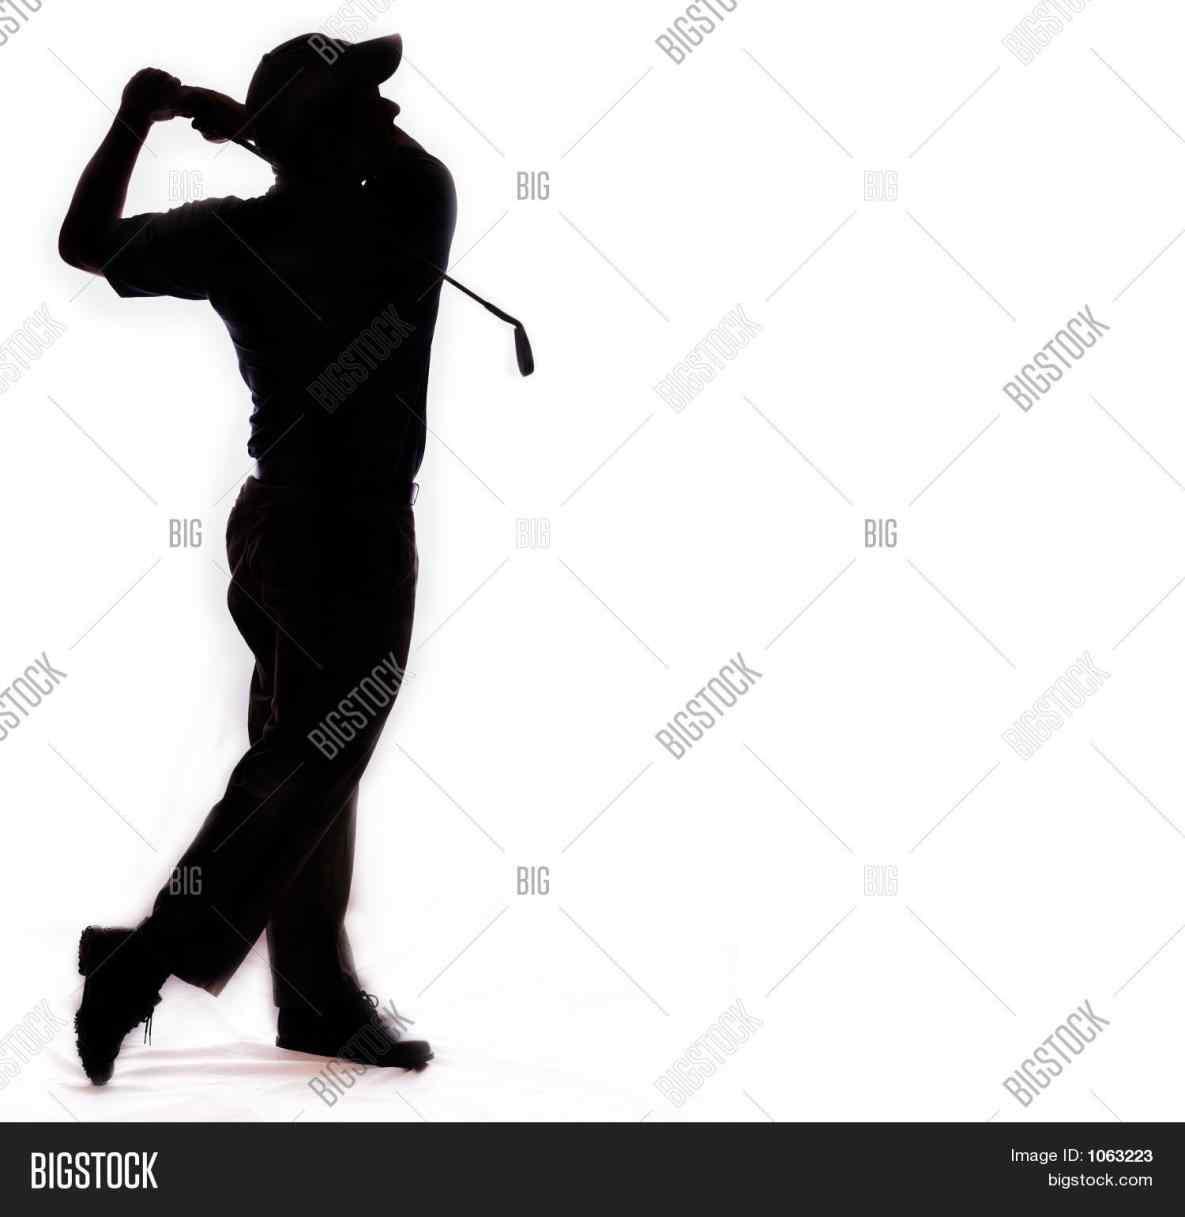 1185x1217 Borisimage.club Page 120 Borisimage.club Golf